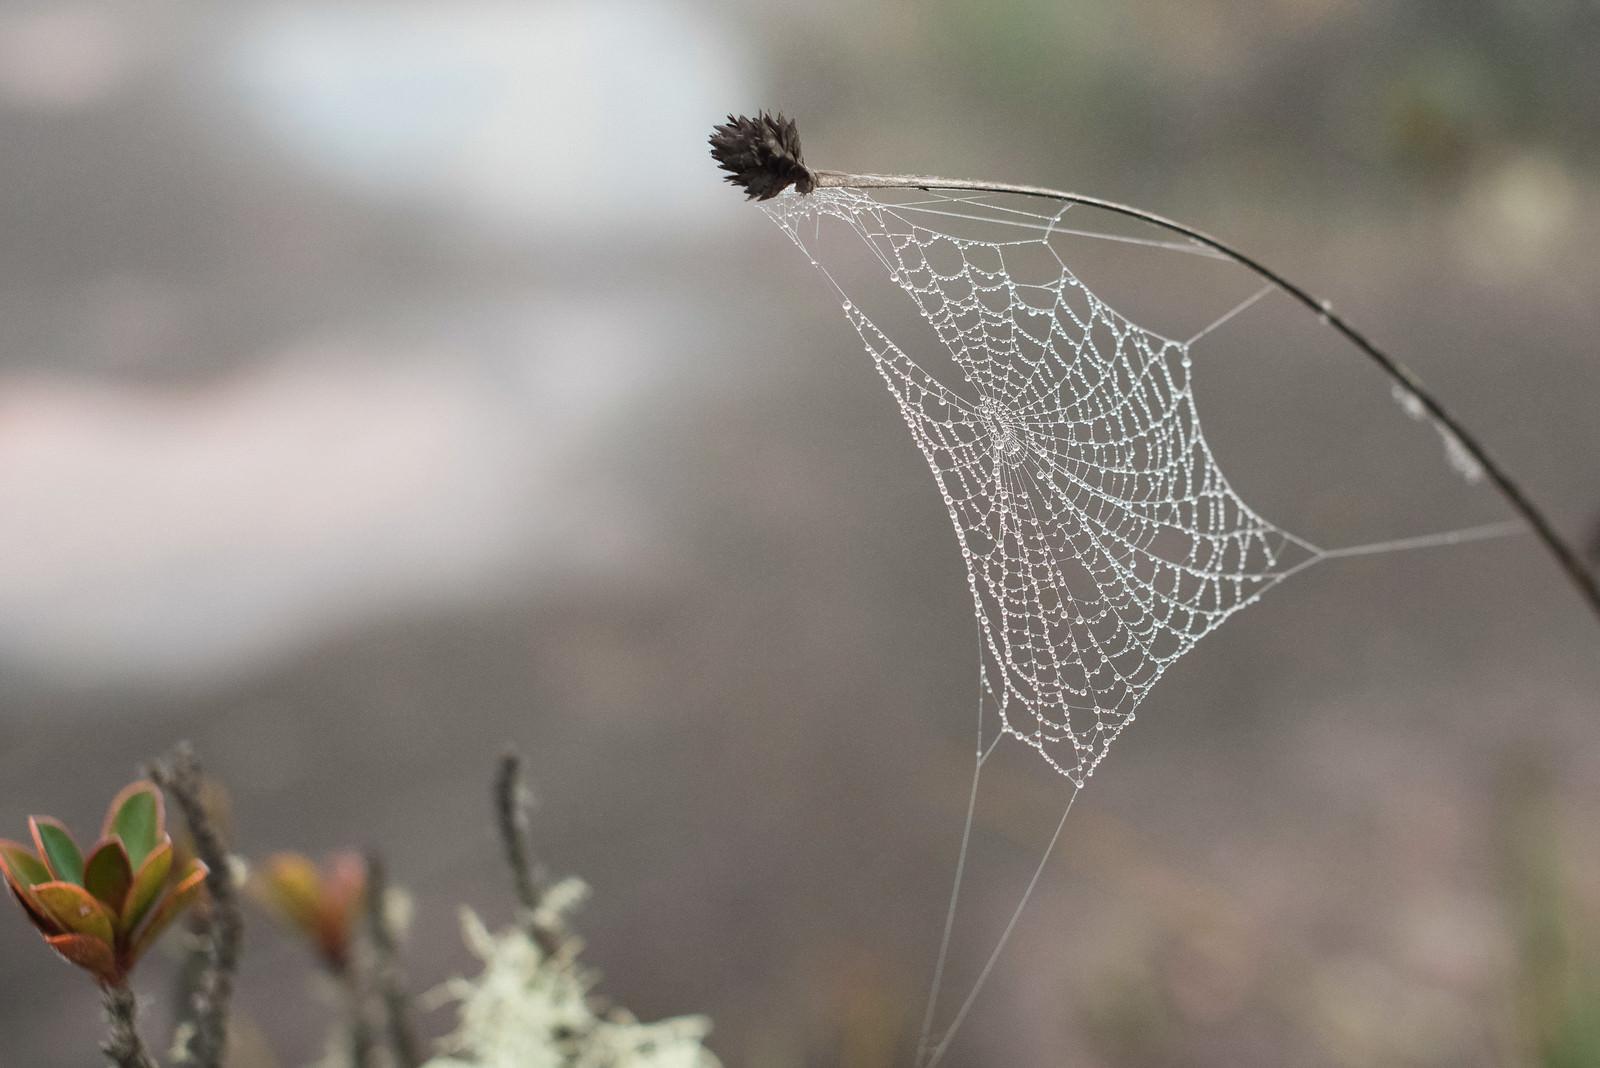 「雨上がり雨粒が残る蜘蛛の巣」の写真